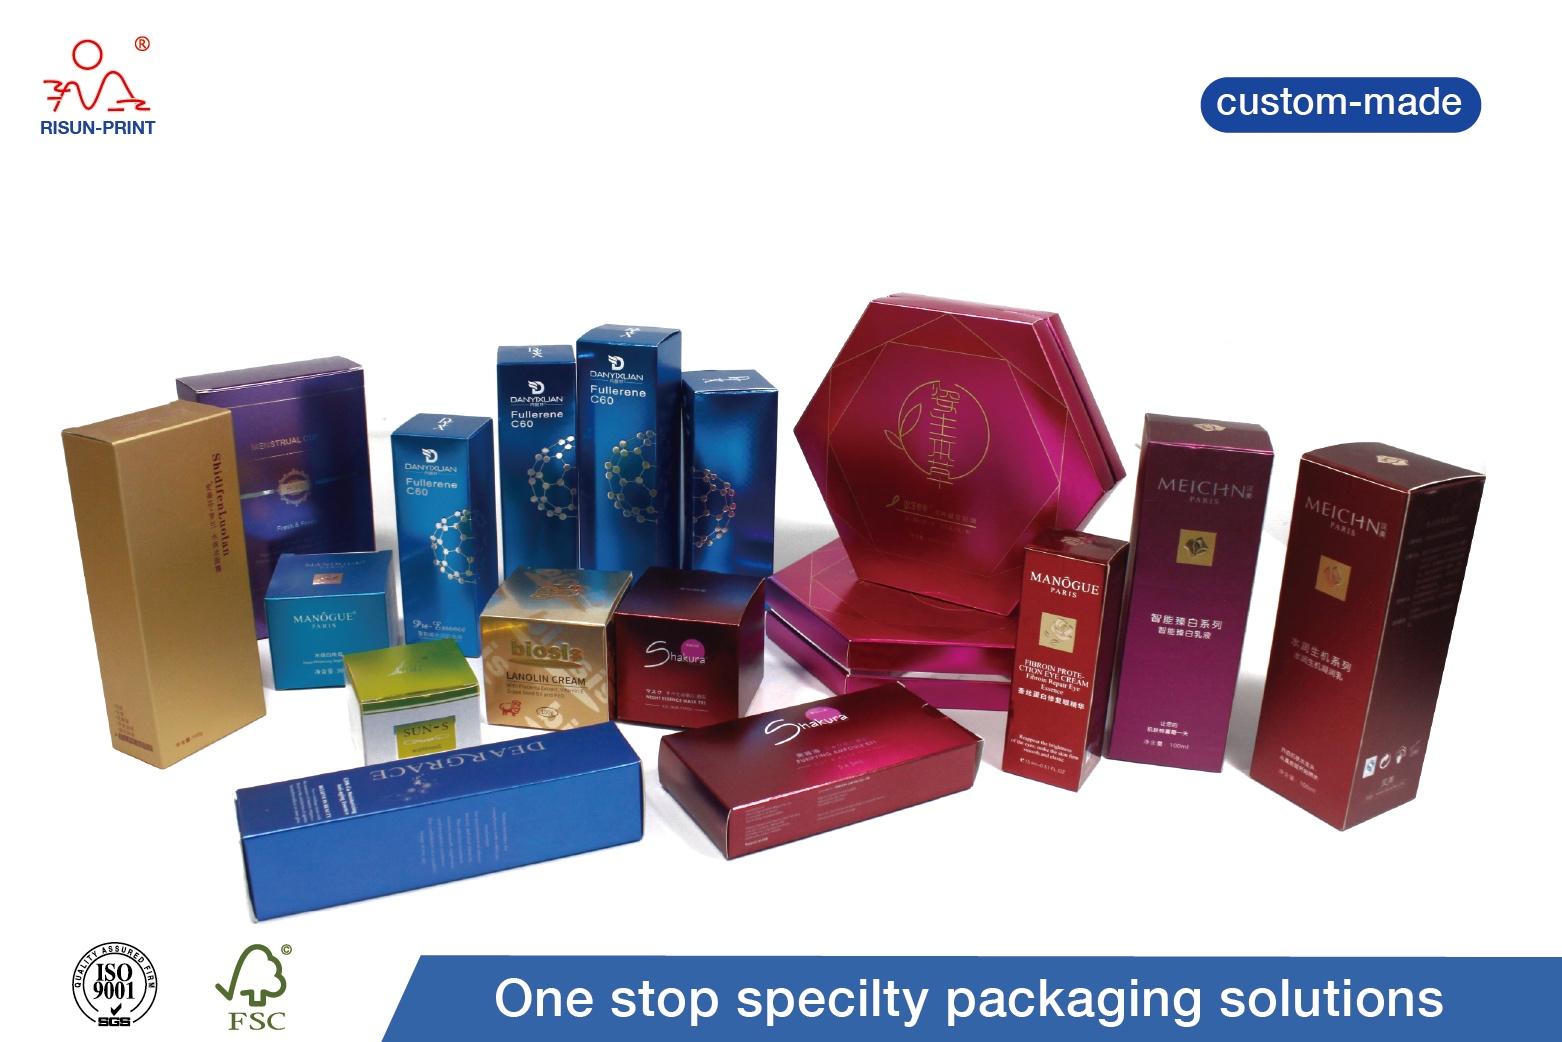 彩盒印刷网络时代定制-济南尚邦佳品包装制品有限公司